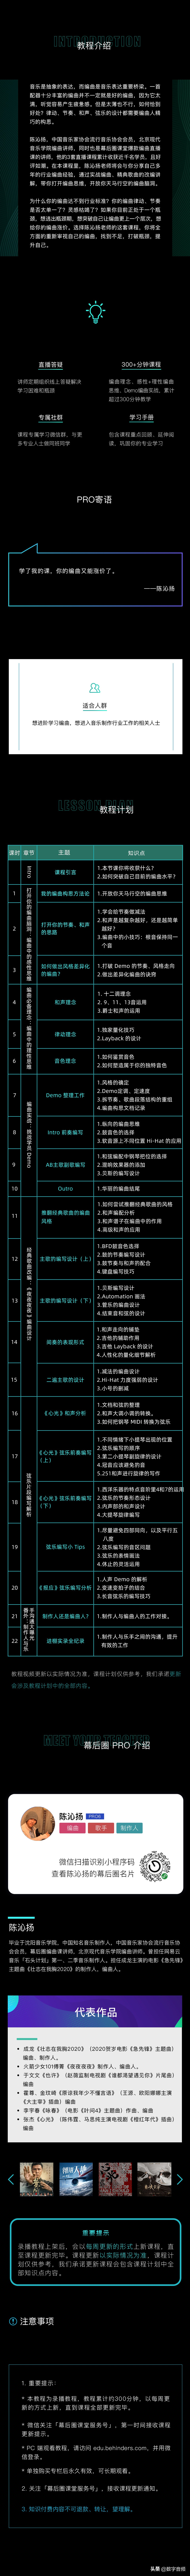 陈沁扬编曲系列教程:流行编曲全实战